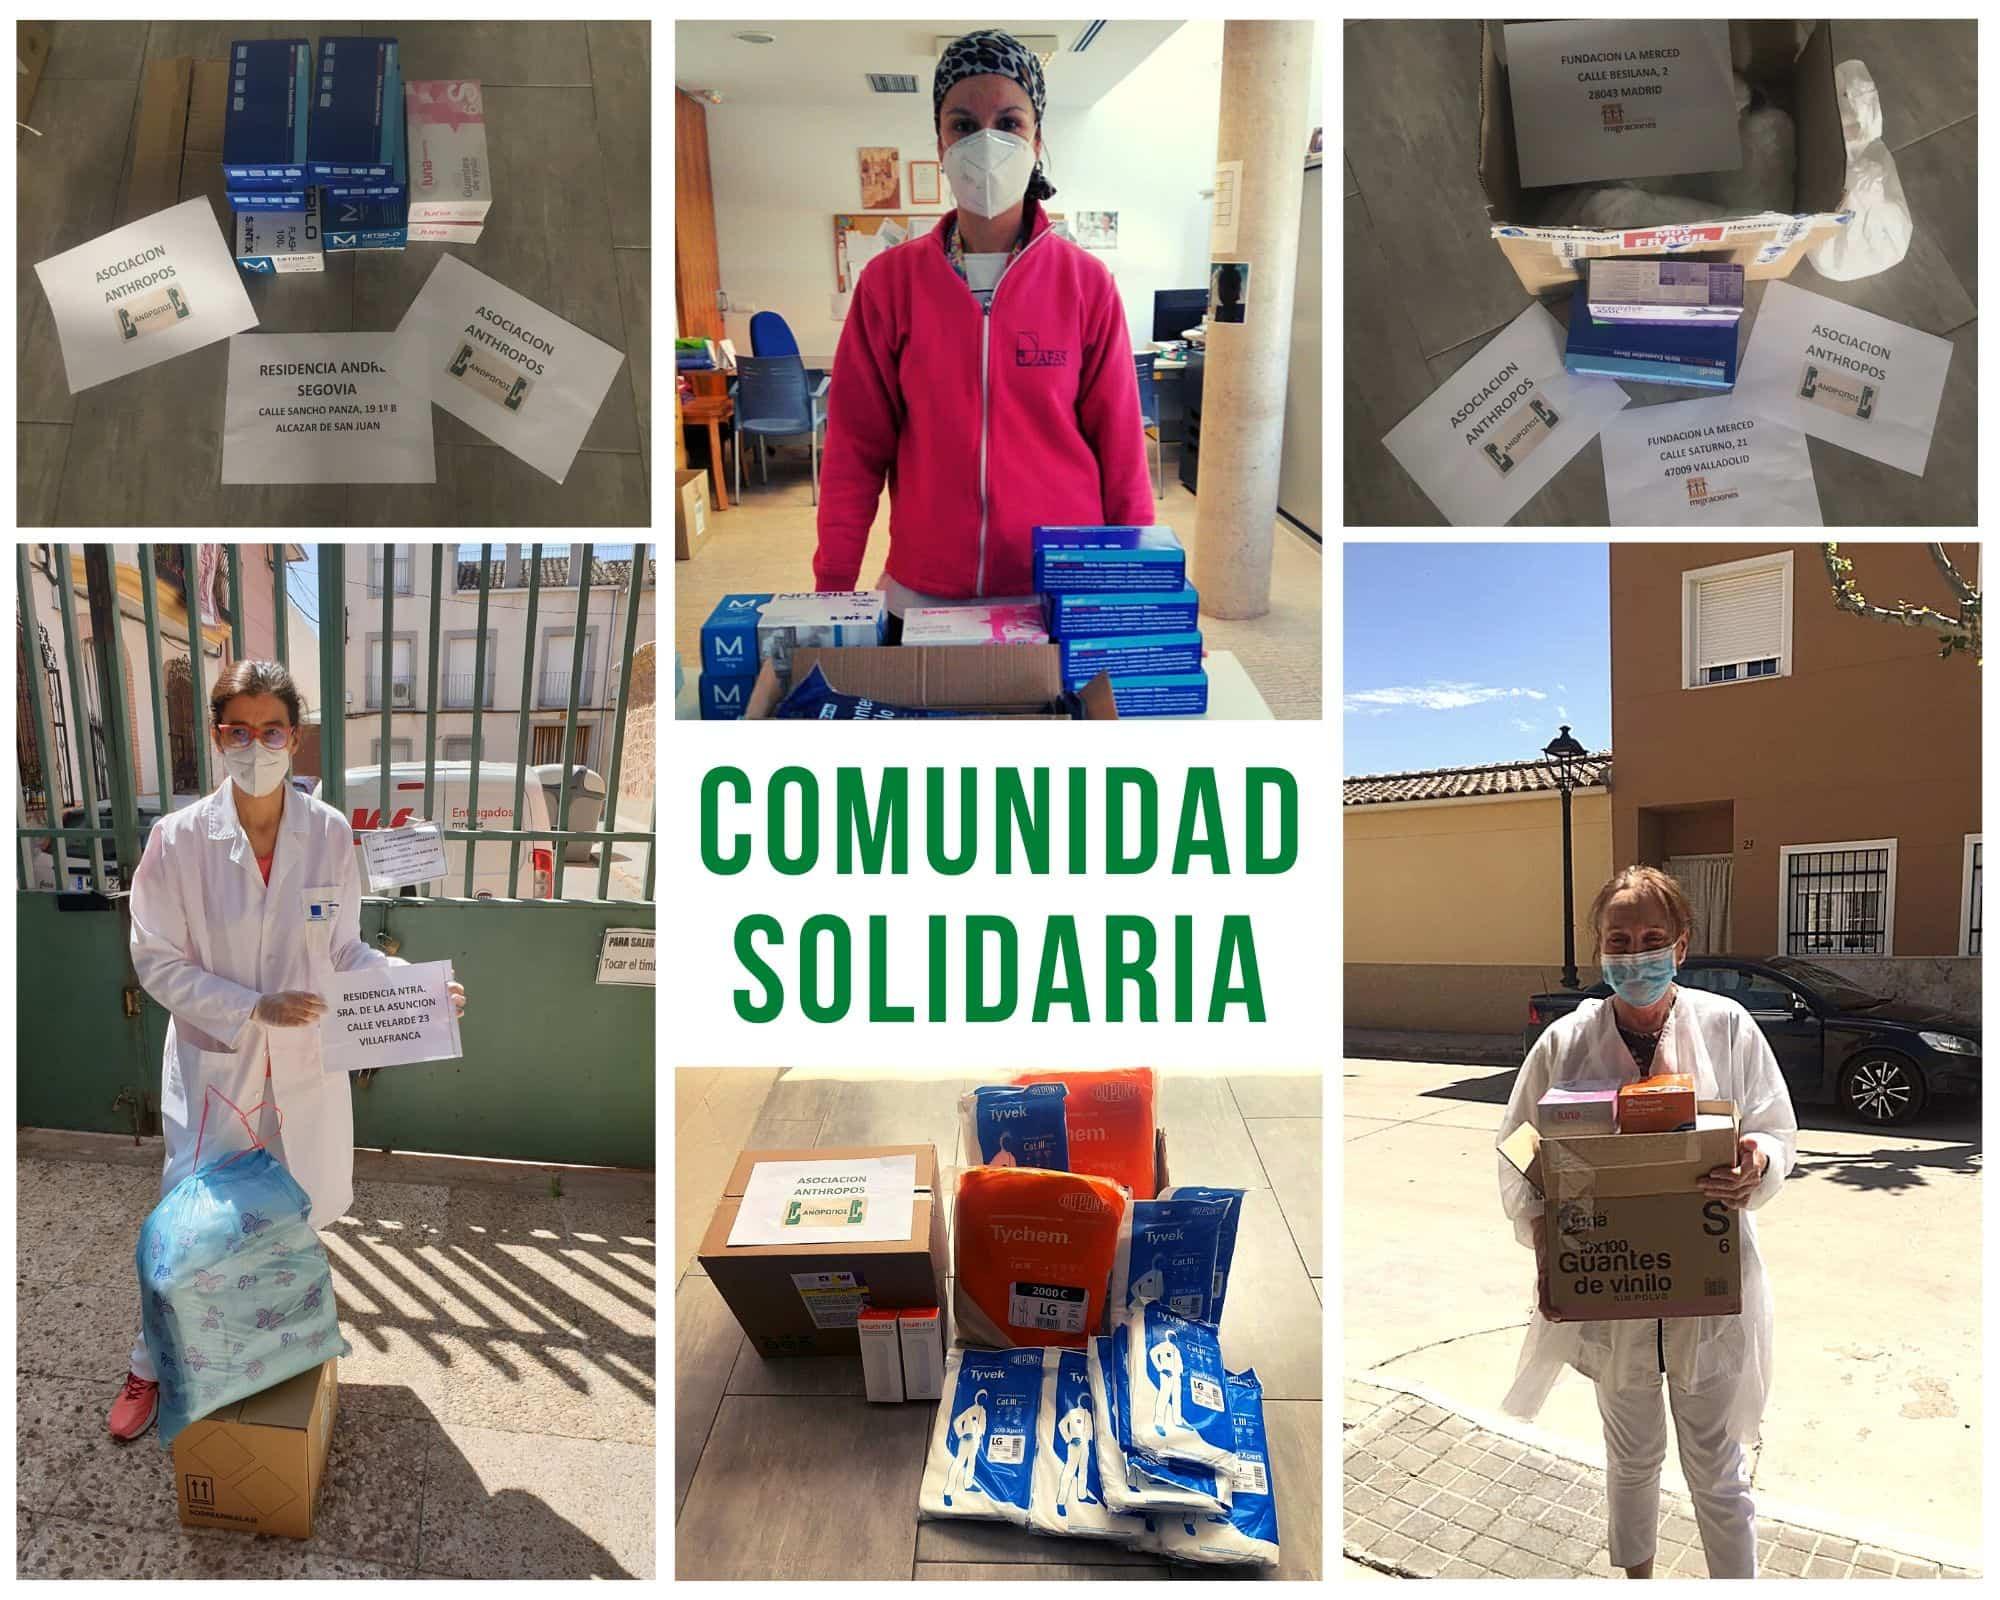 Comunidad solidaria anthropos - Atentos a las necesidades de toda la comunidad